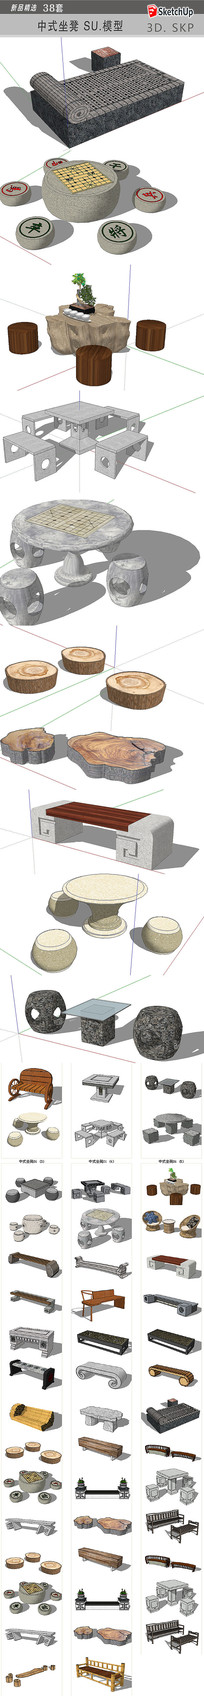 中式坐凳su模型